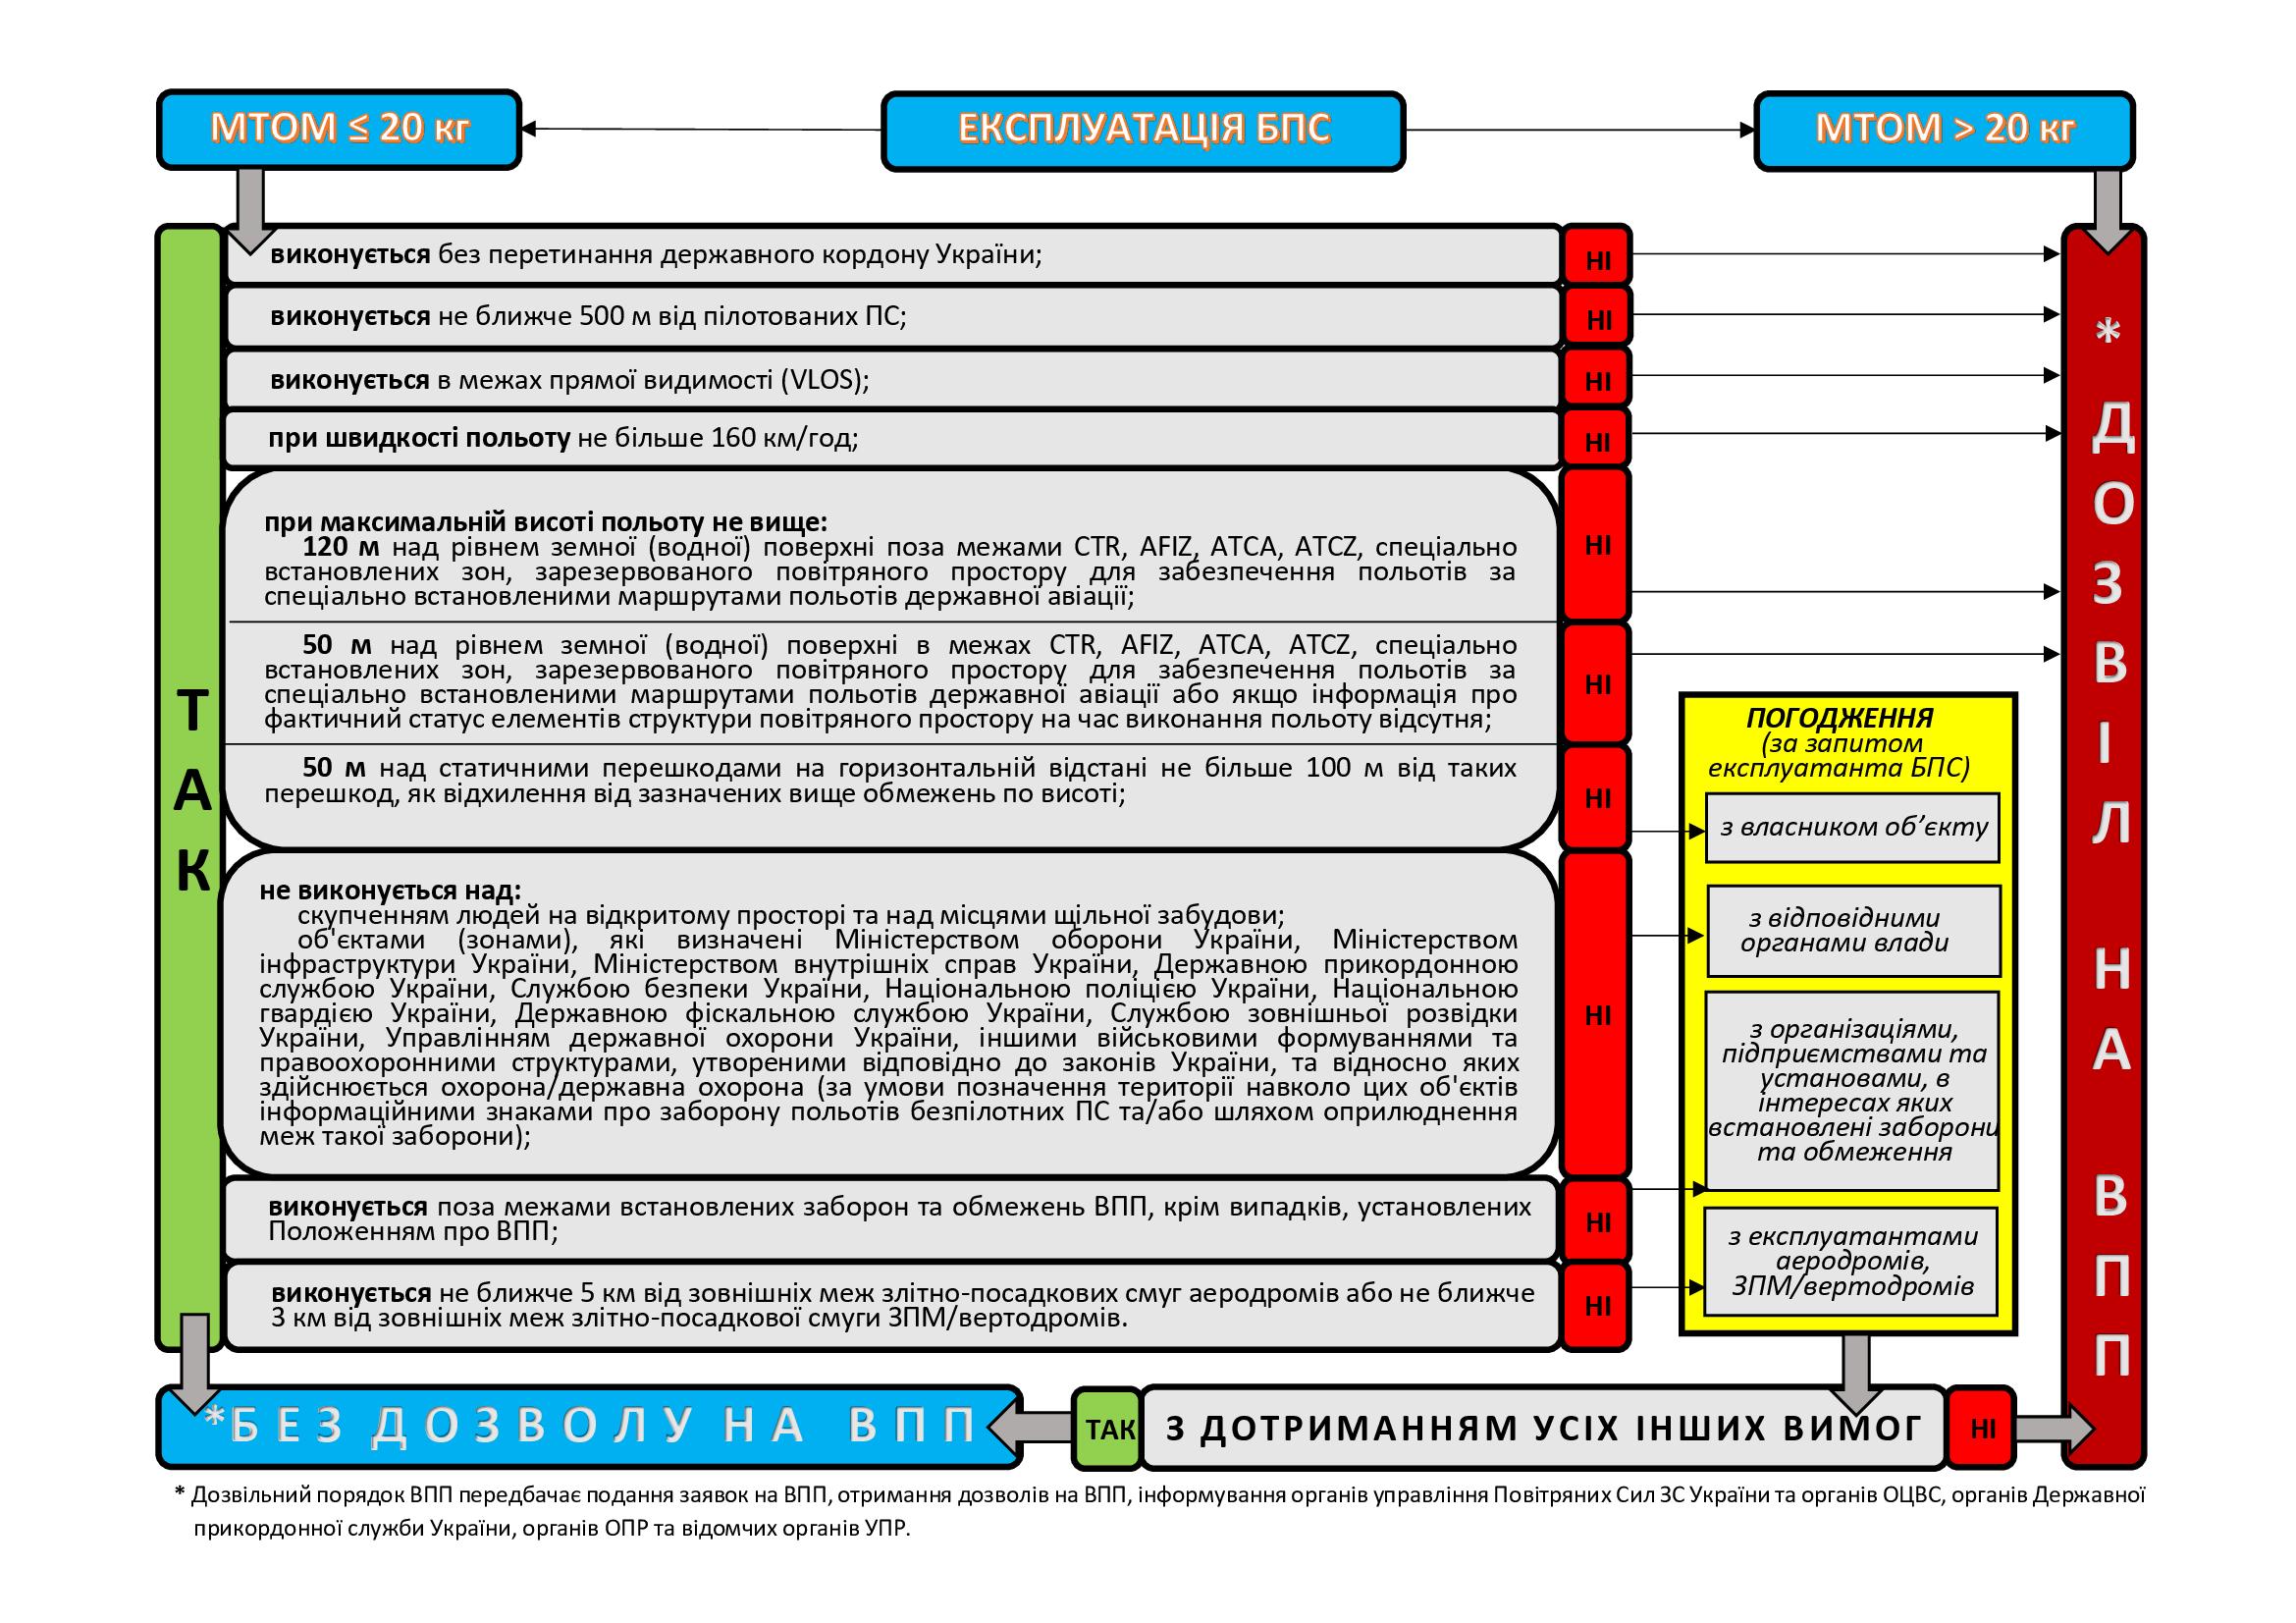 Правила использования дронов от Госавиаслужбы Украины